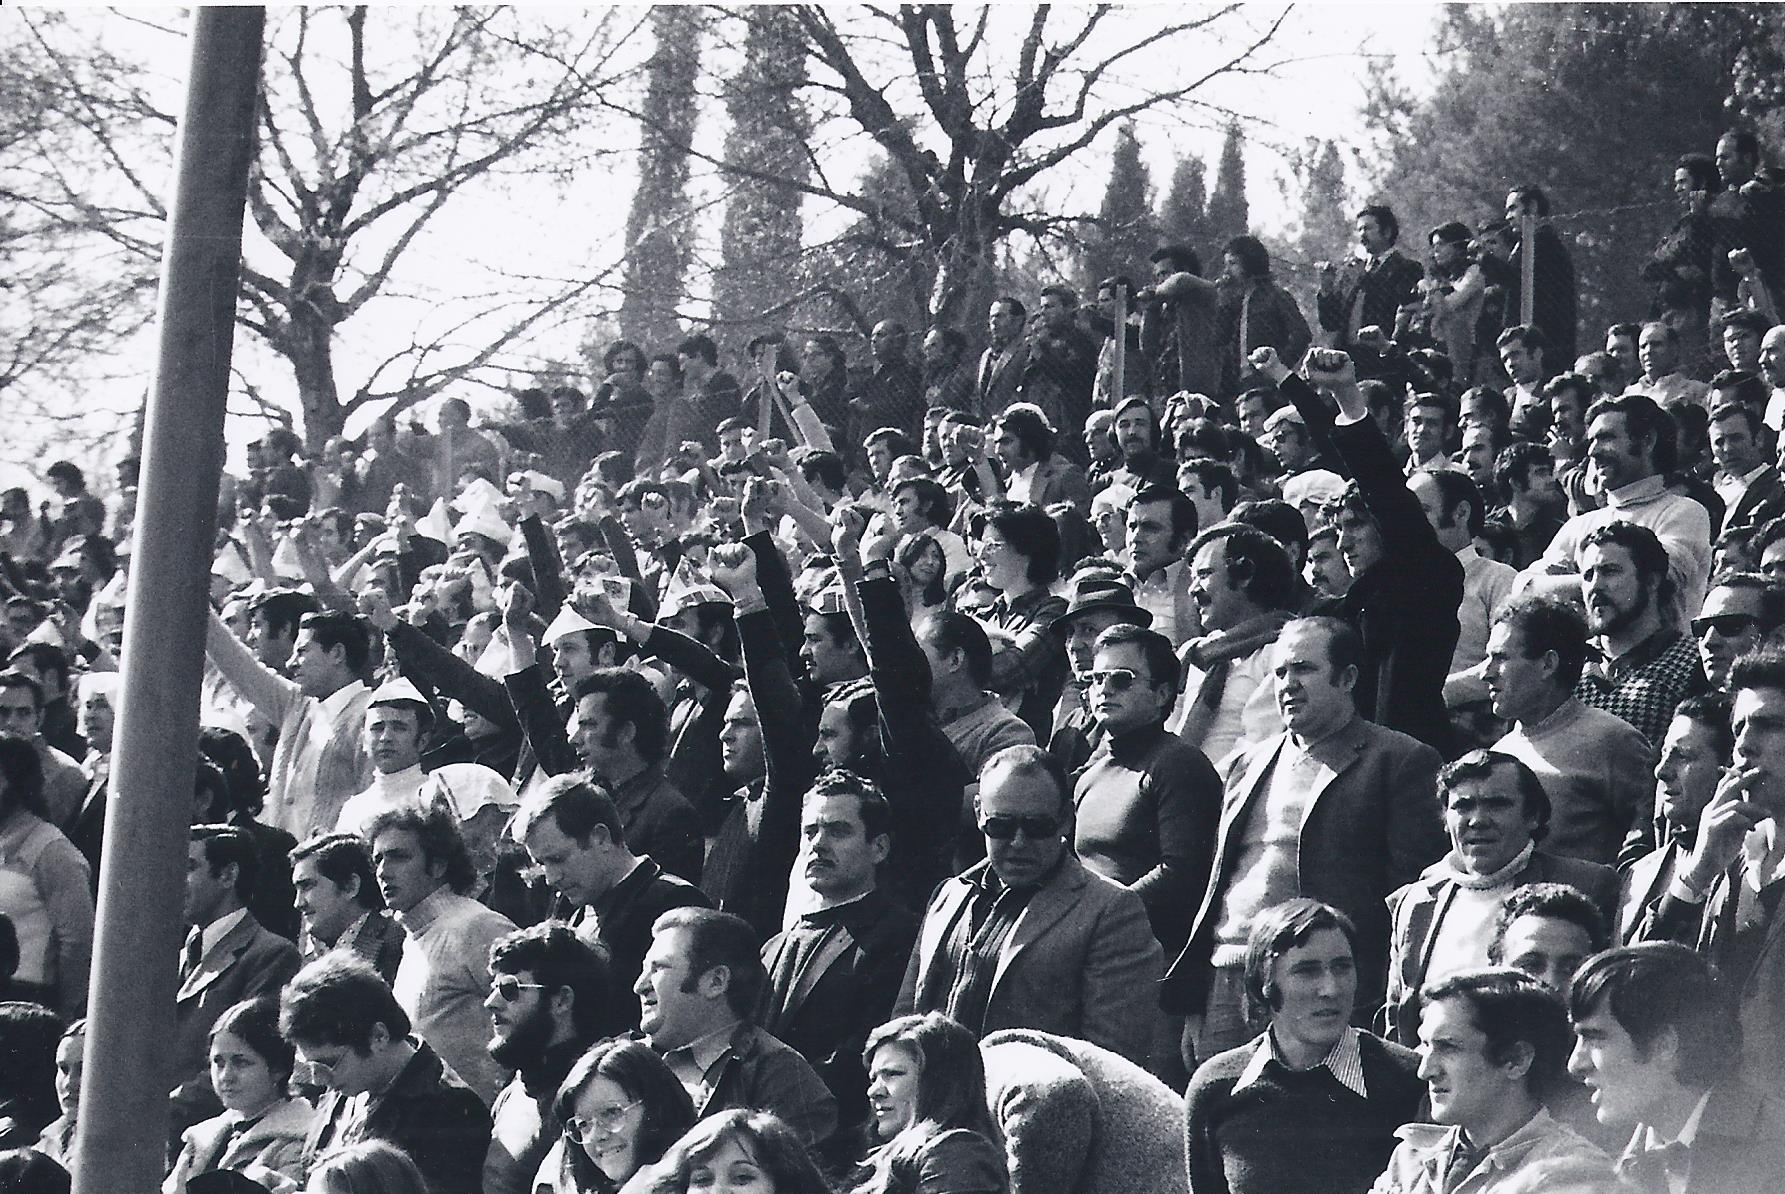 Crónica de la represión franquista 50 años después: el caso de los 13 de Mataró